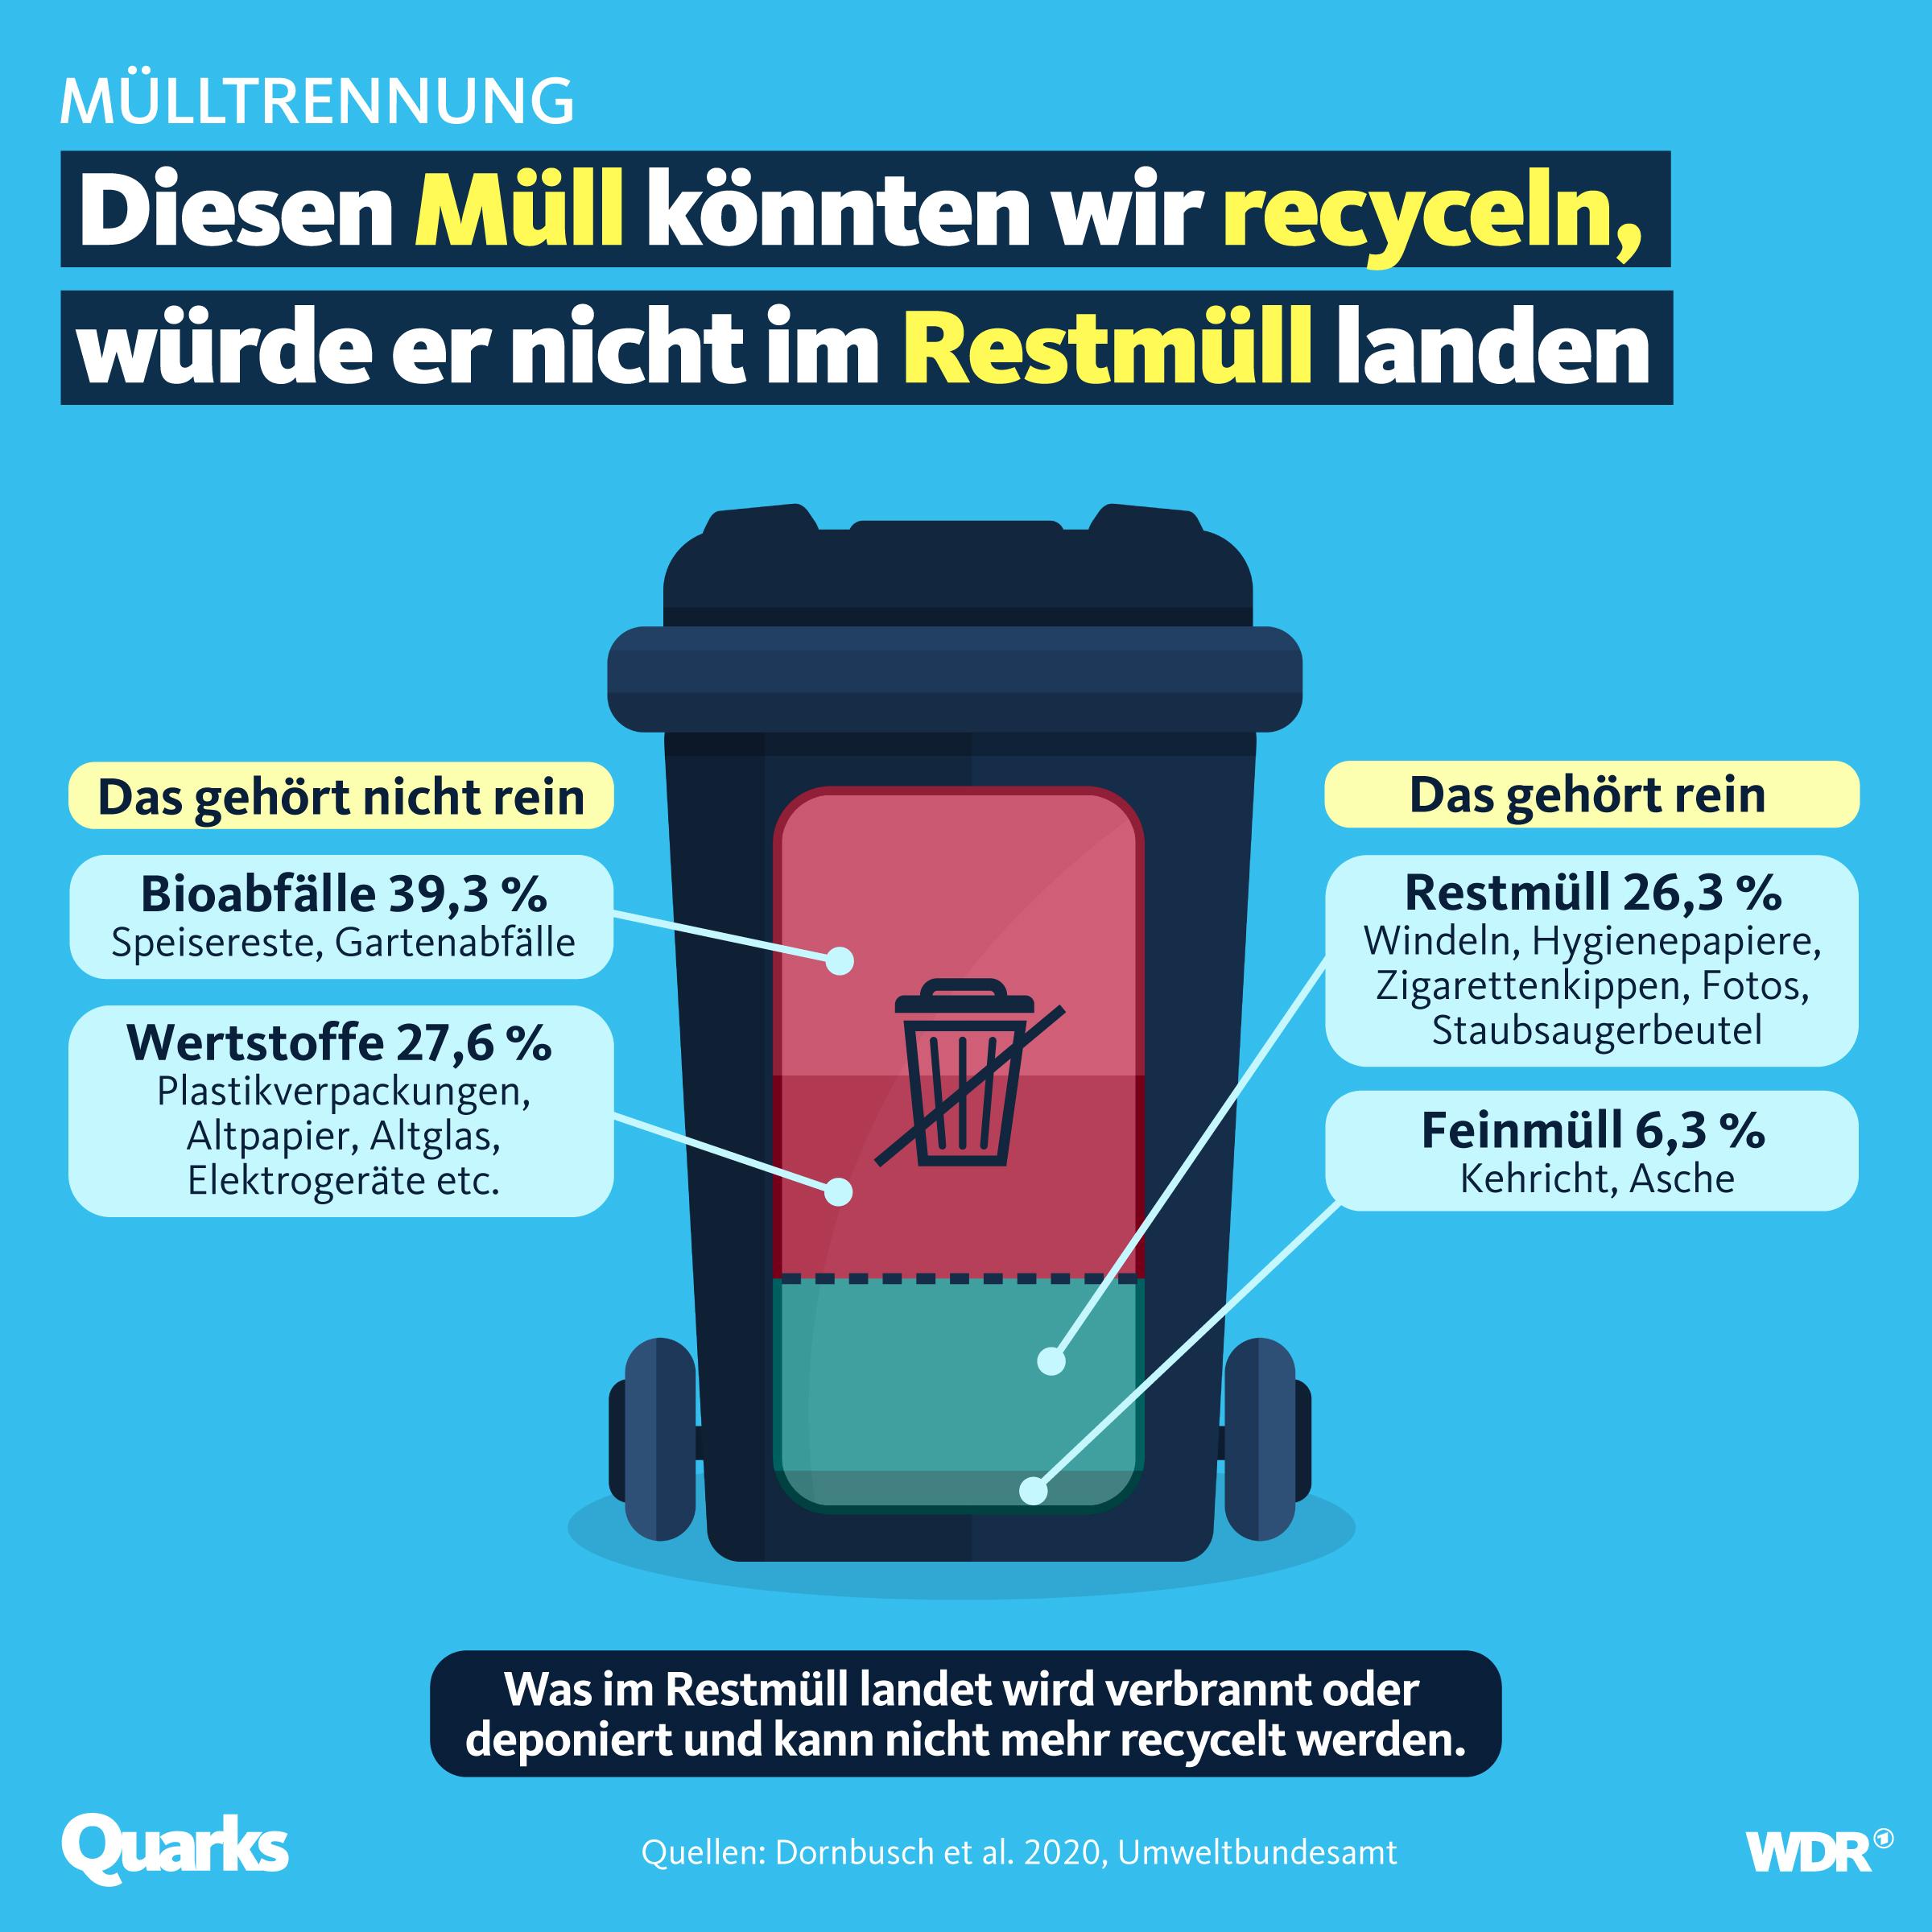 Diesen Müll könnten wir recyclen, würde er nicht im Restmüll landen